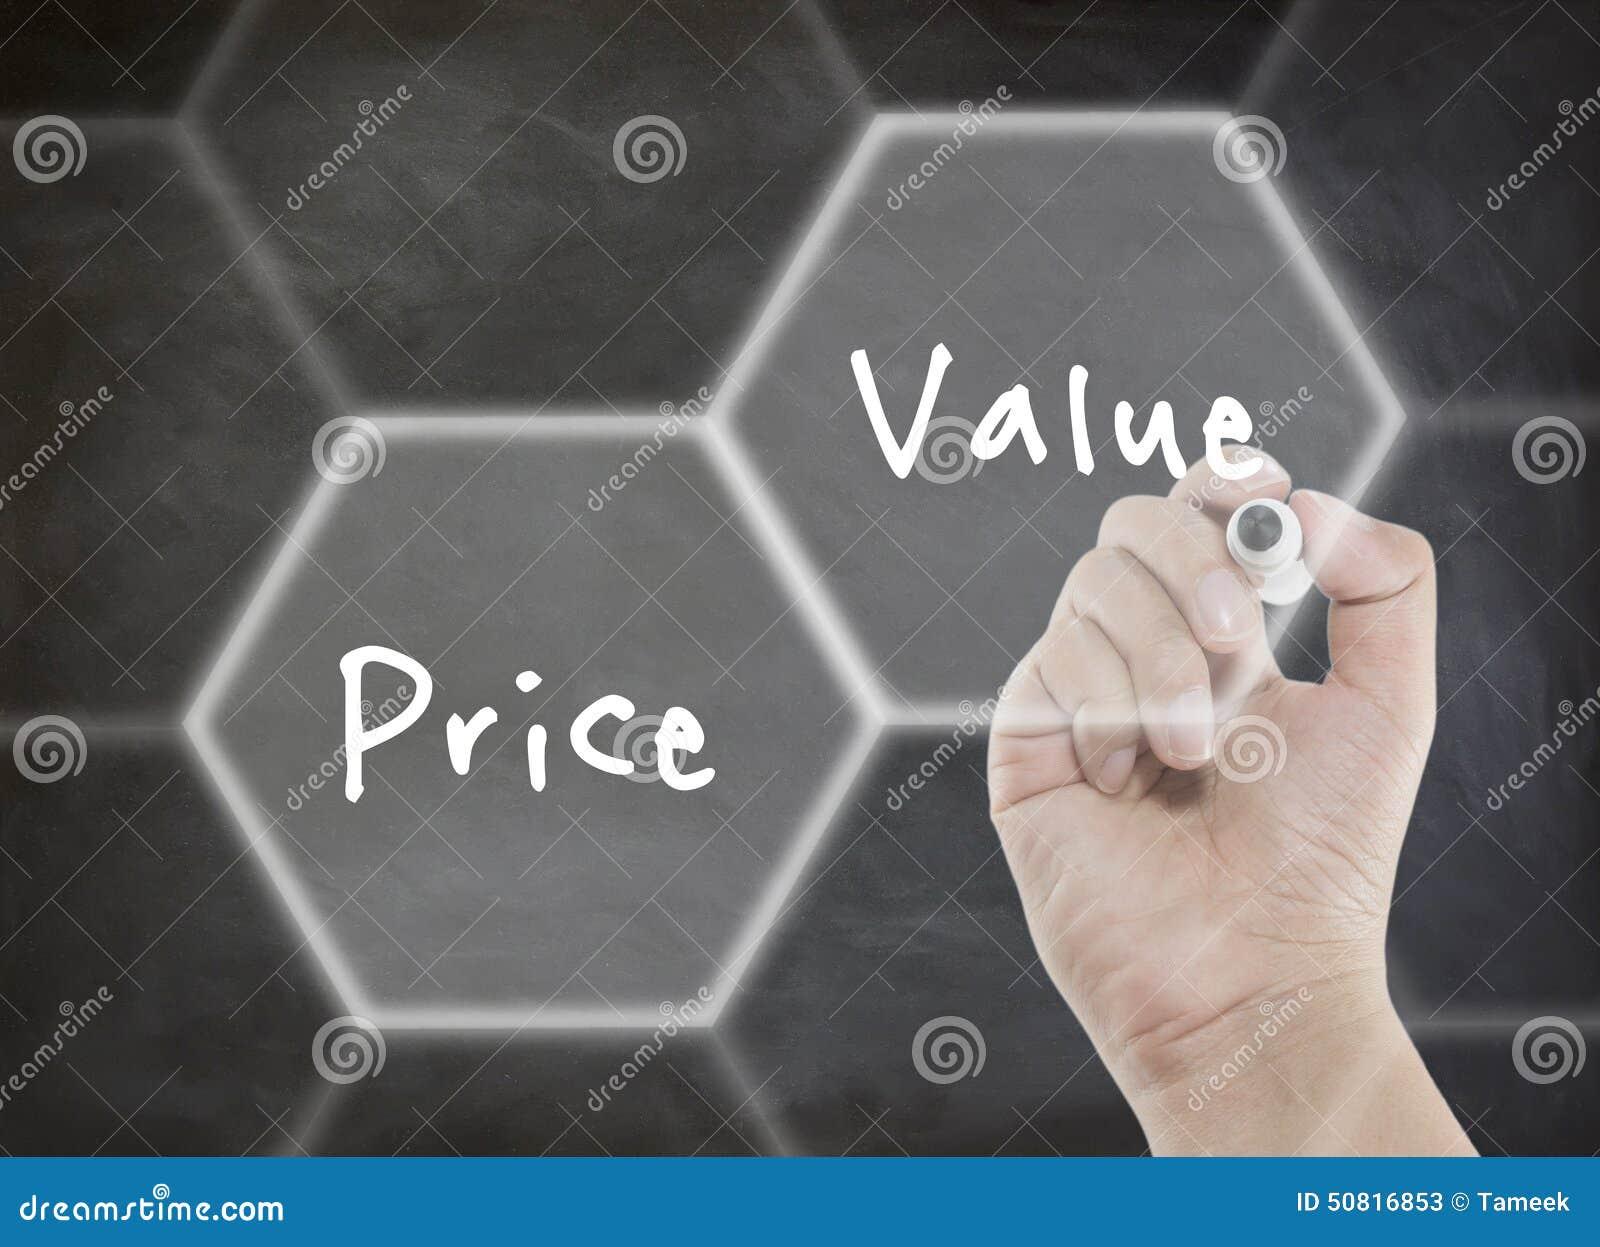 Цена и значение